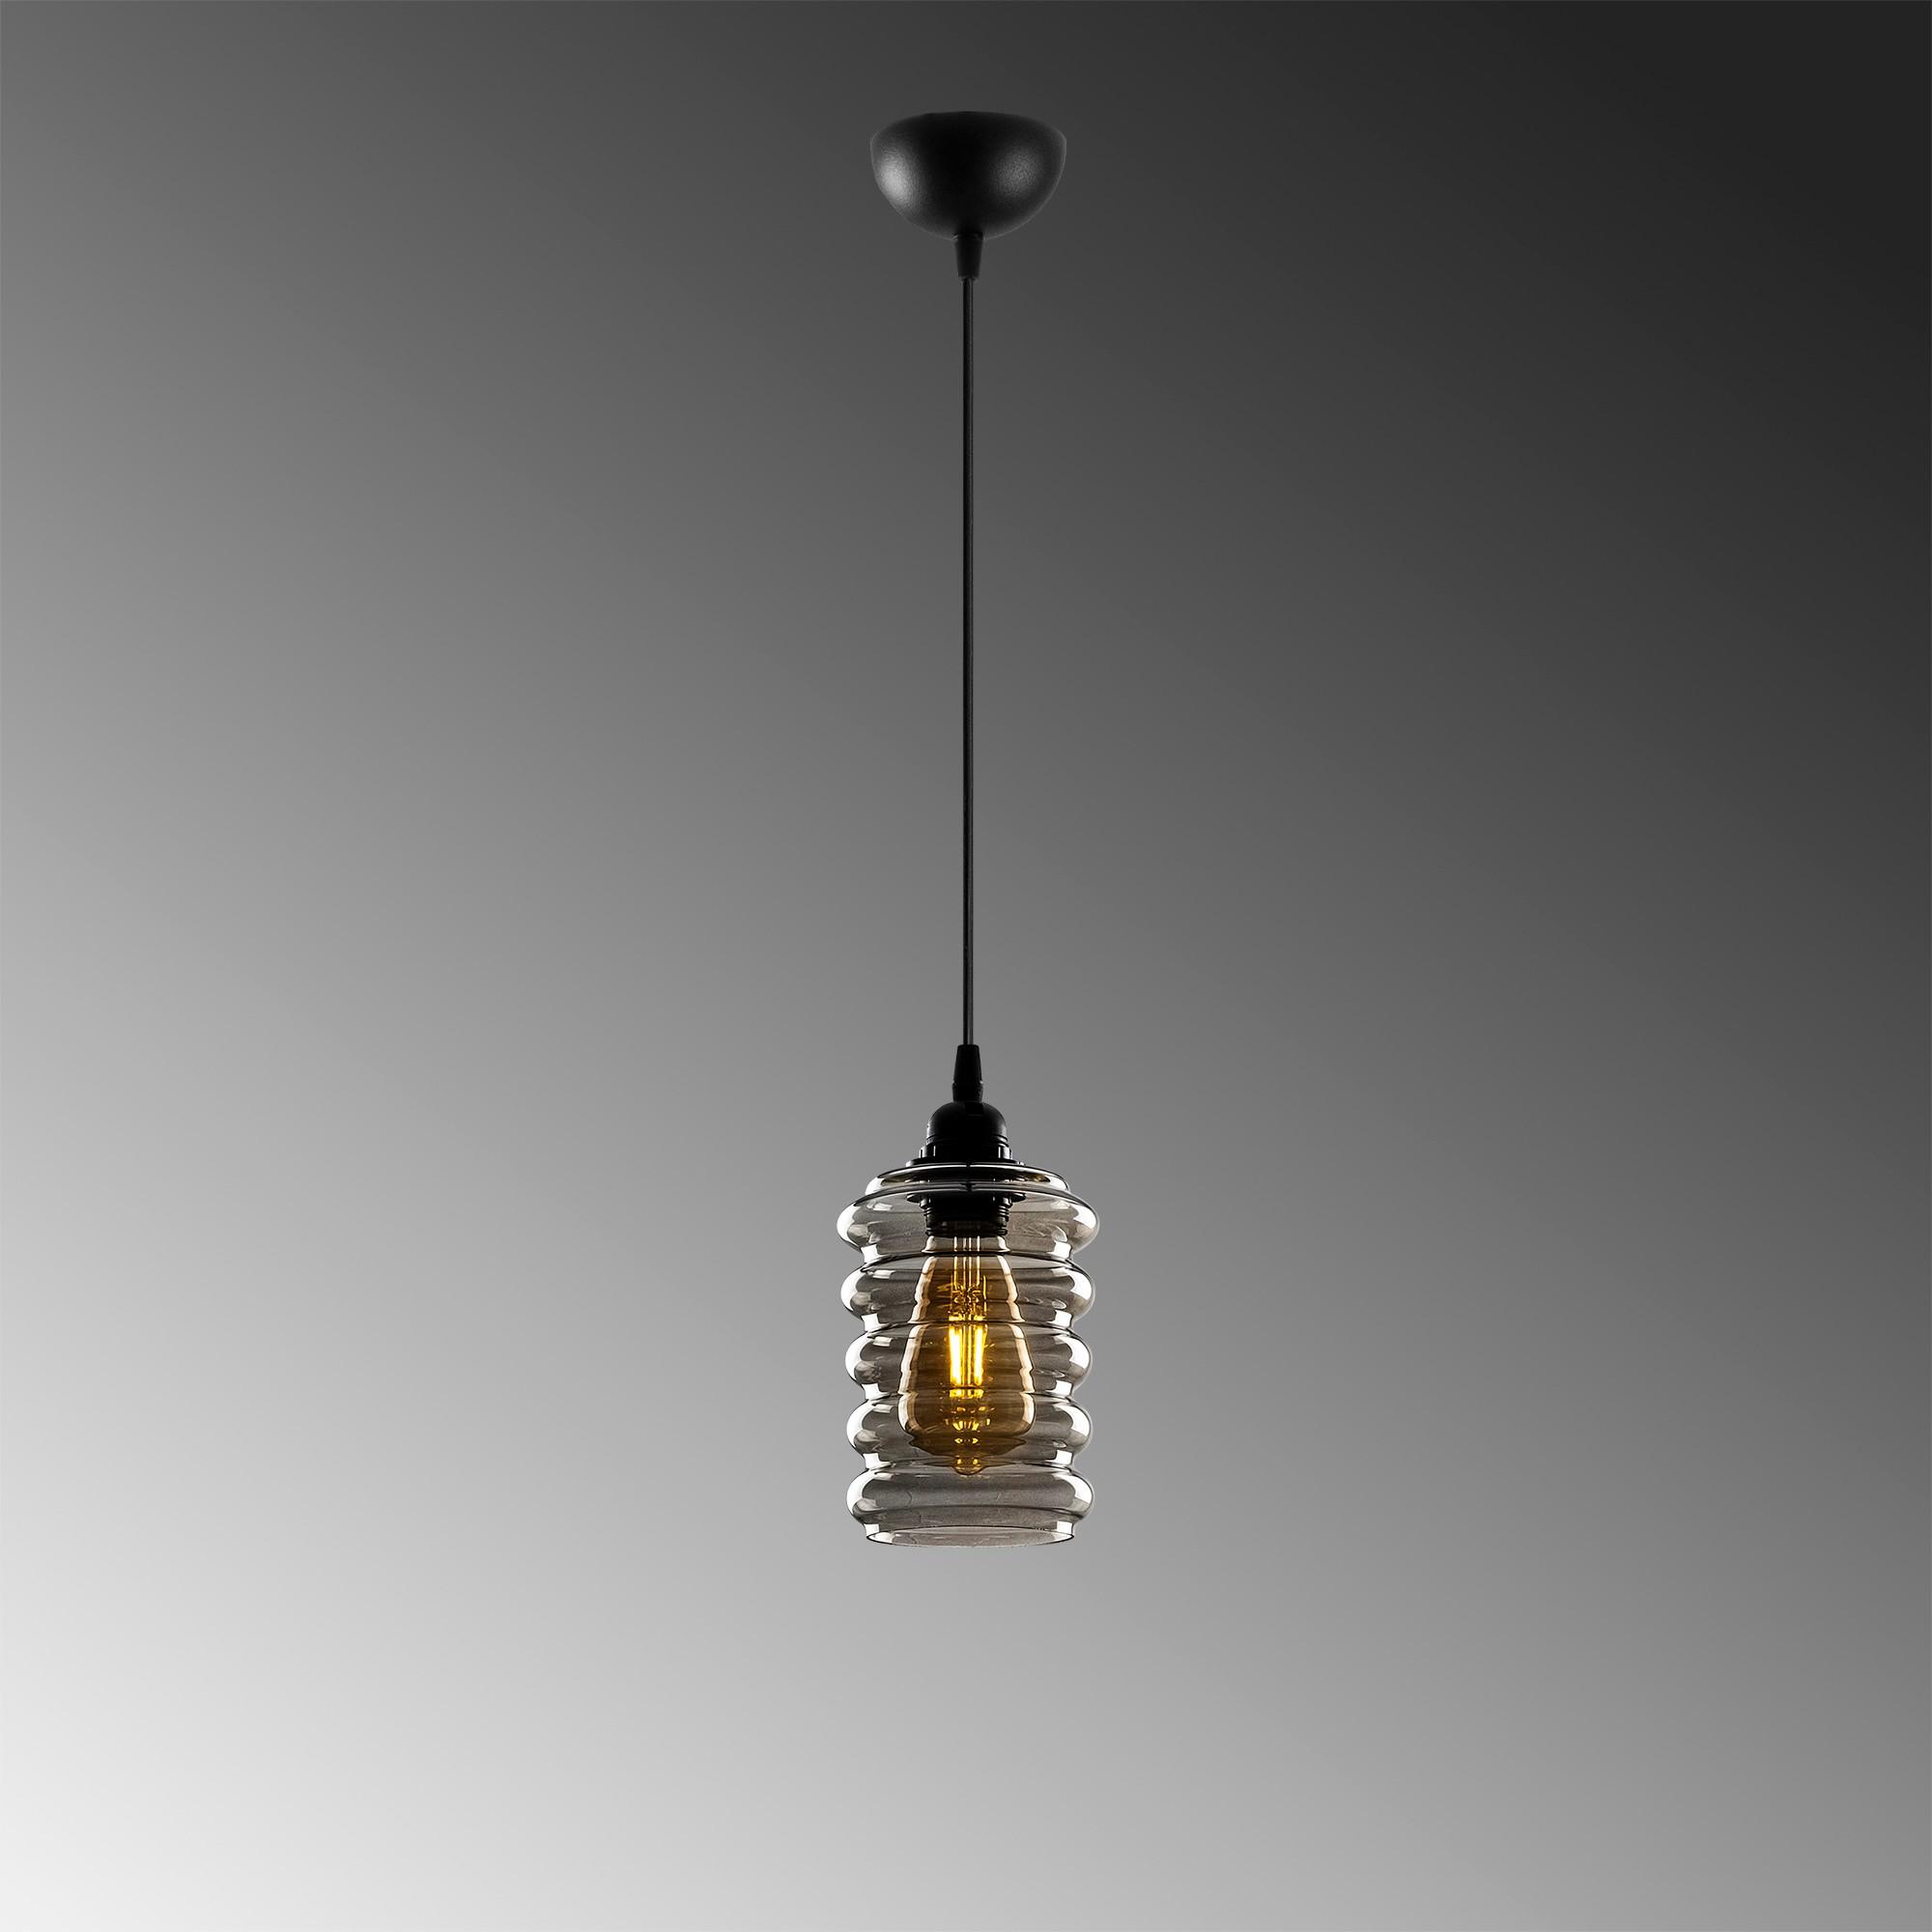 Hanglamp langwerpig smoked glass zwart e27 fitting - grijze achtergrond